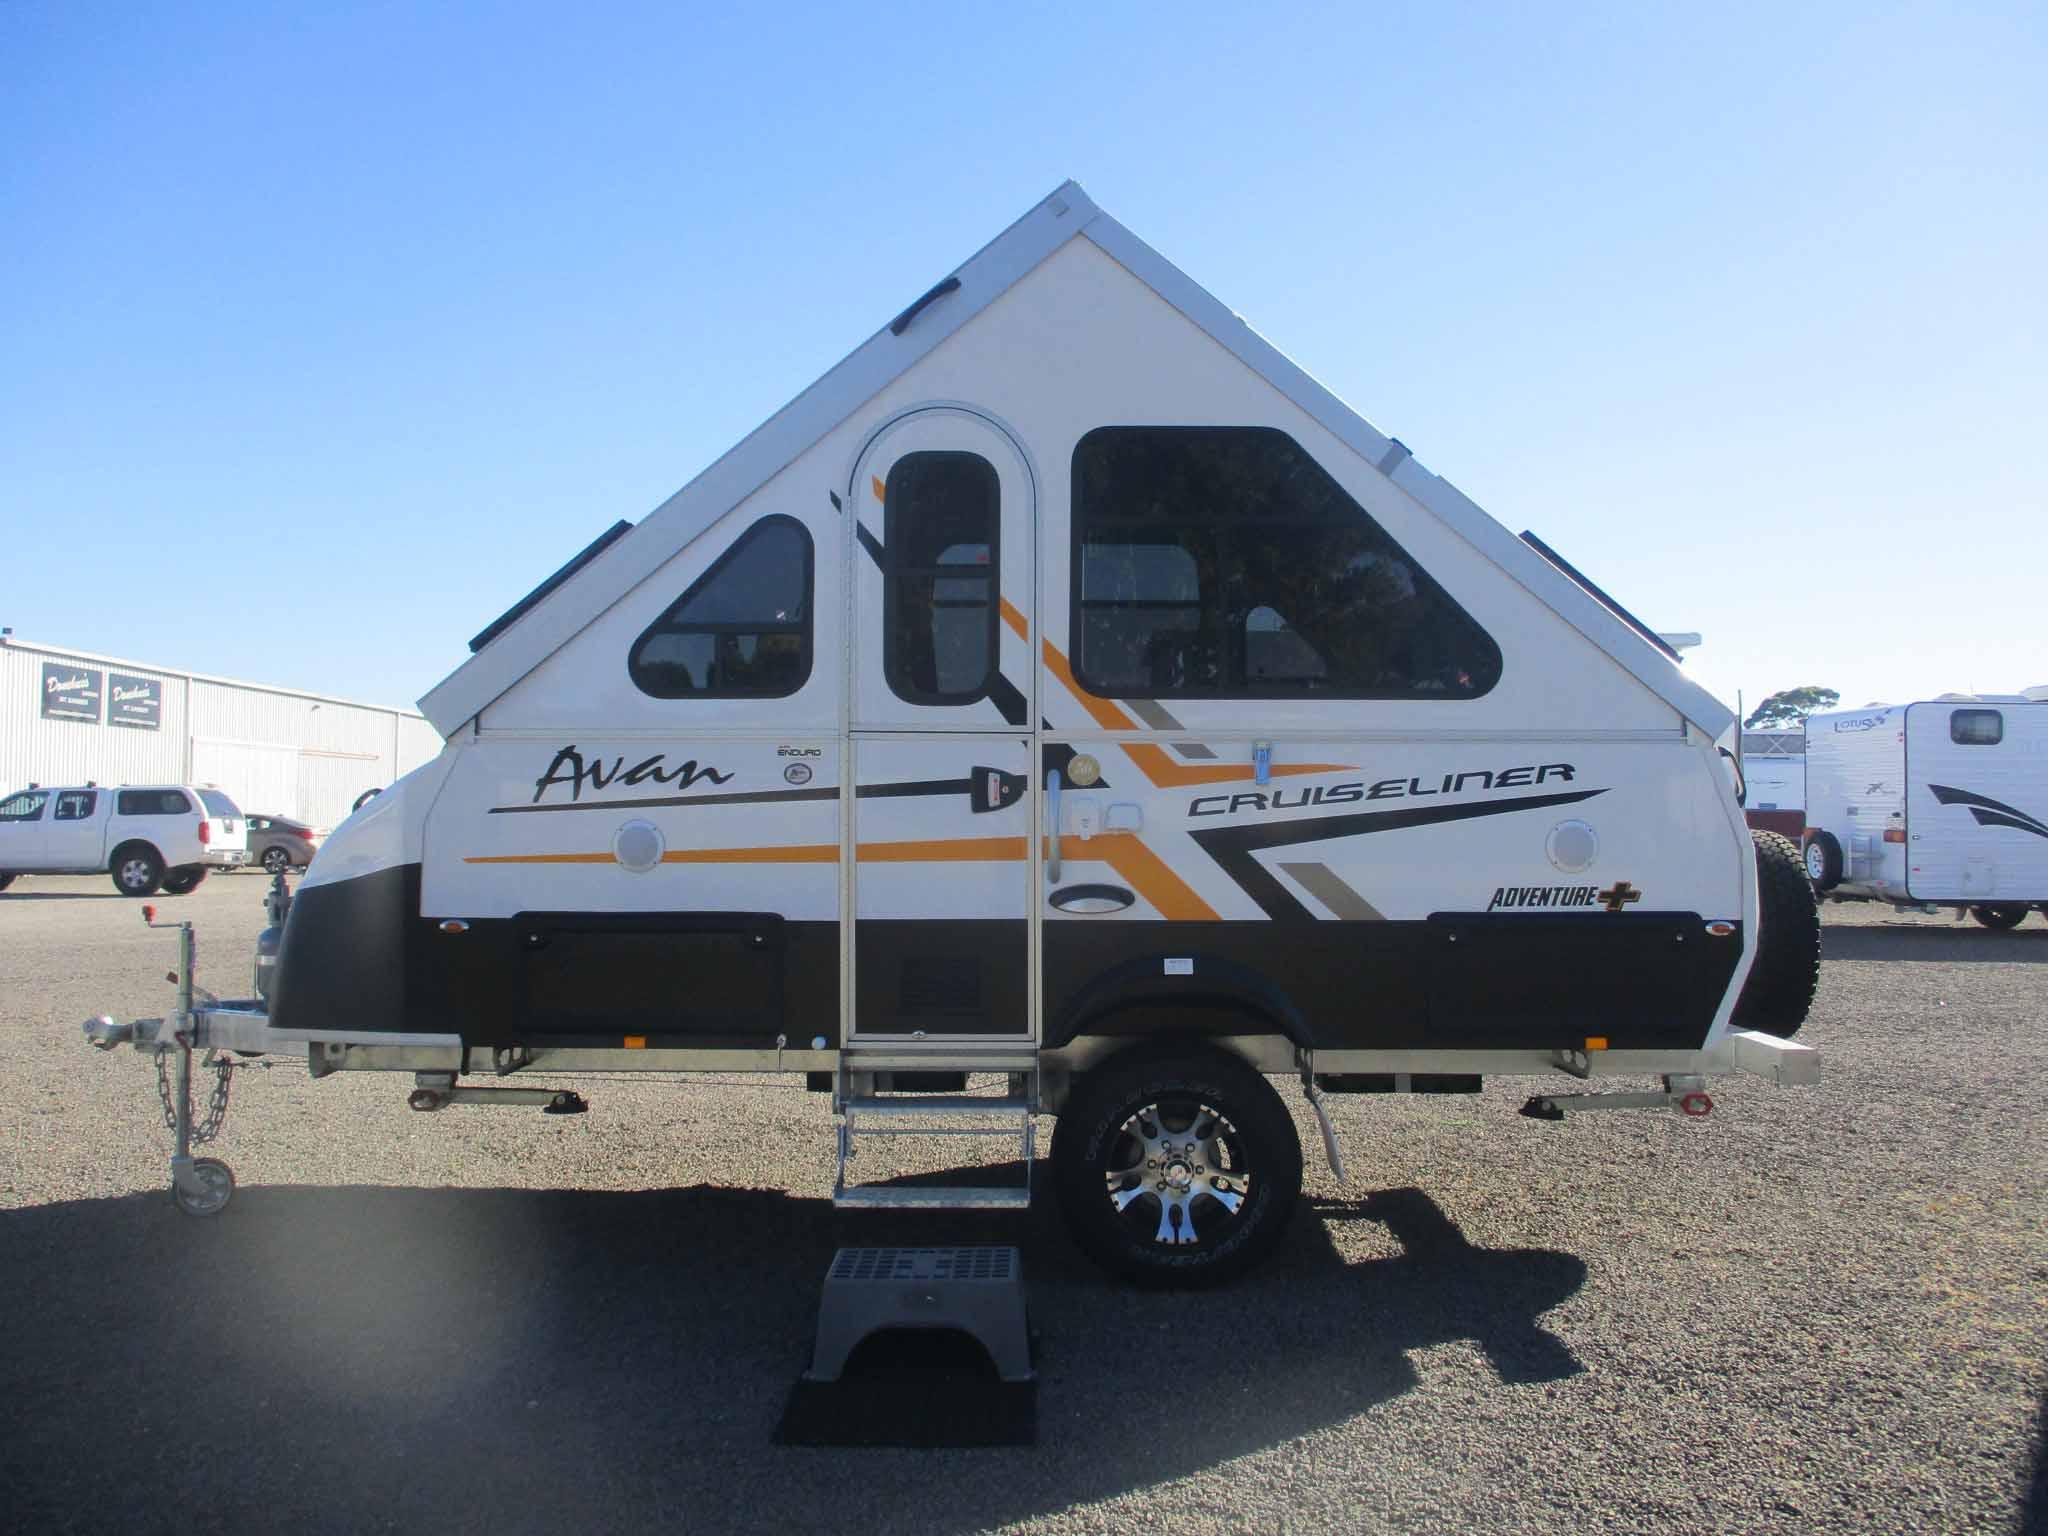 Donehues Leisure New Avan Cruiseliner Adventure Plus Pack Camper Mt Gambier 12233 5